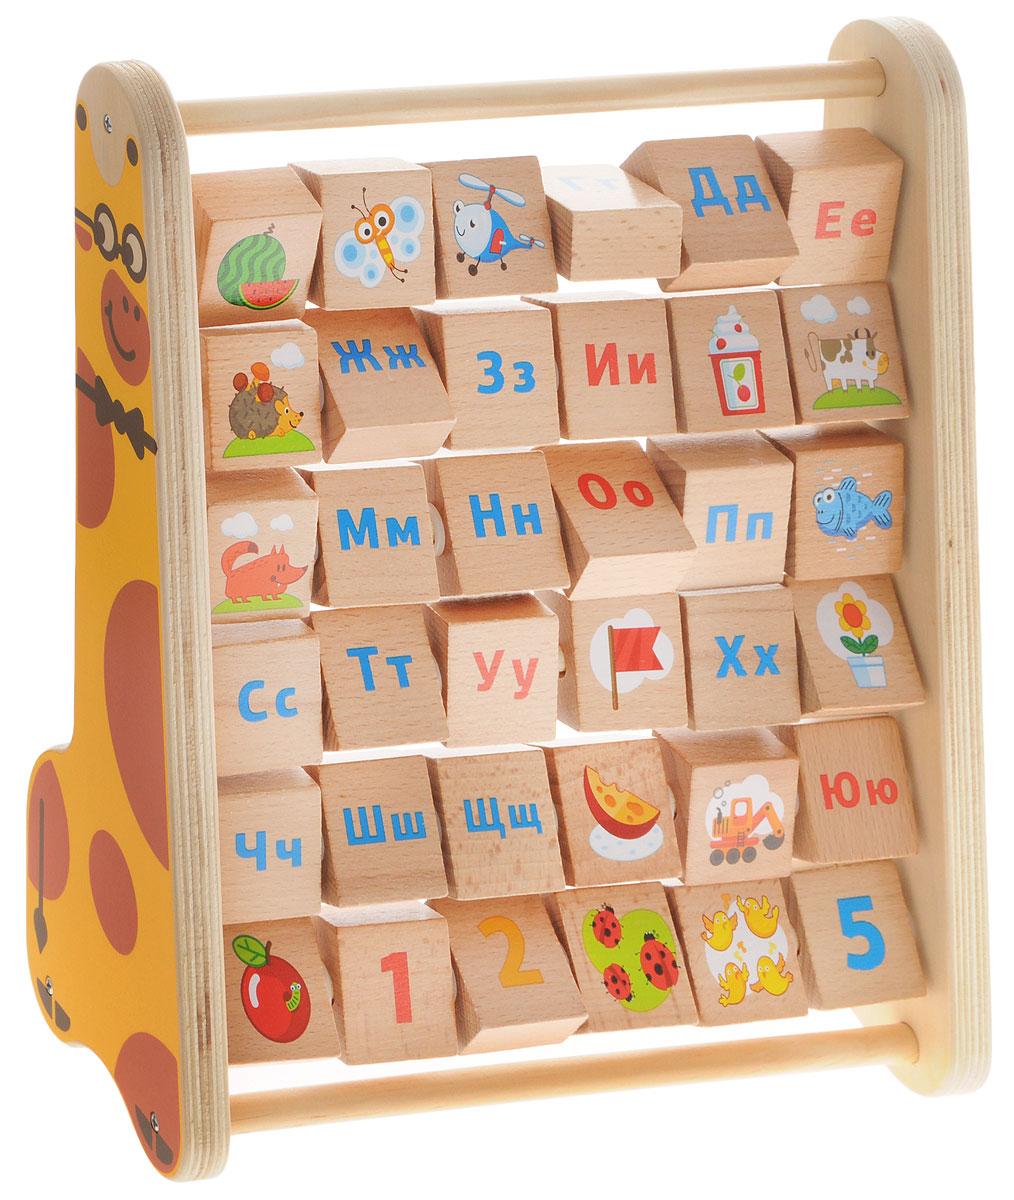 Мир деревянных игрушек Счеты-алфавит набор для развития моторики мир деревянных игрушек д189